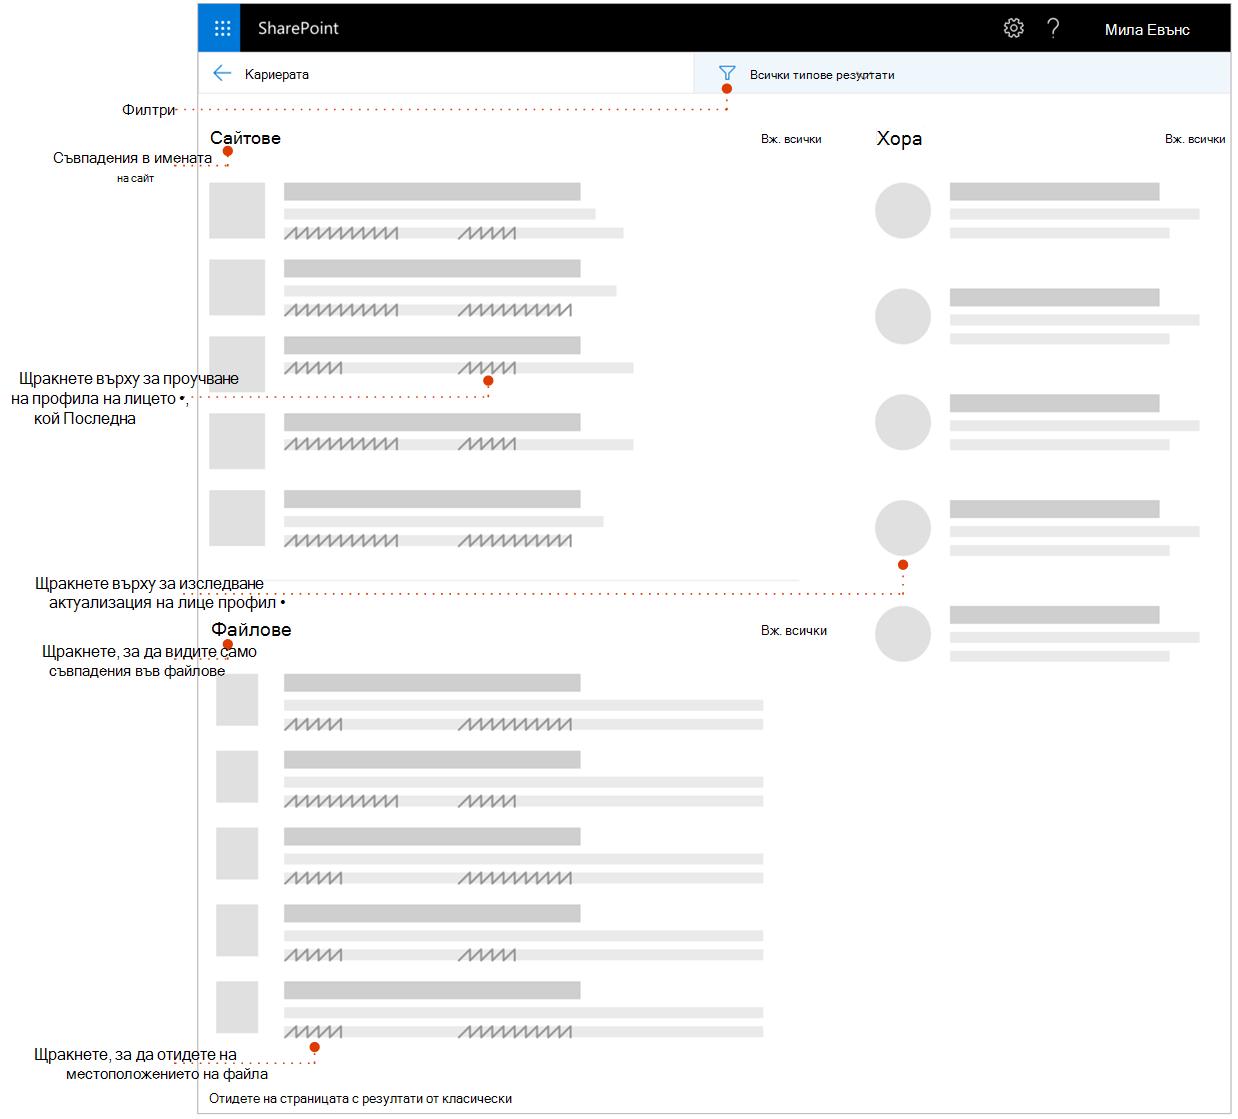 Екранна снимка на търсене с резултати от страницата с указатели към елементи за изследване.